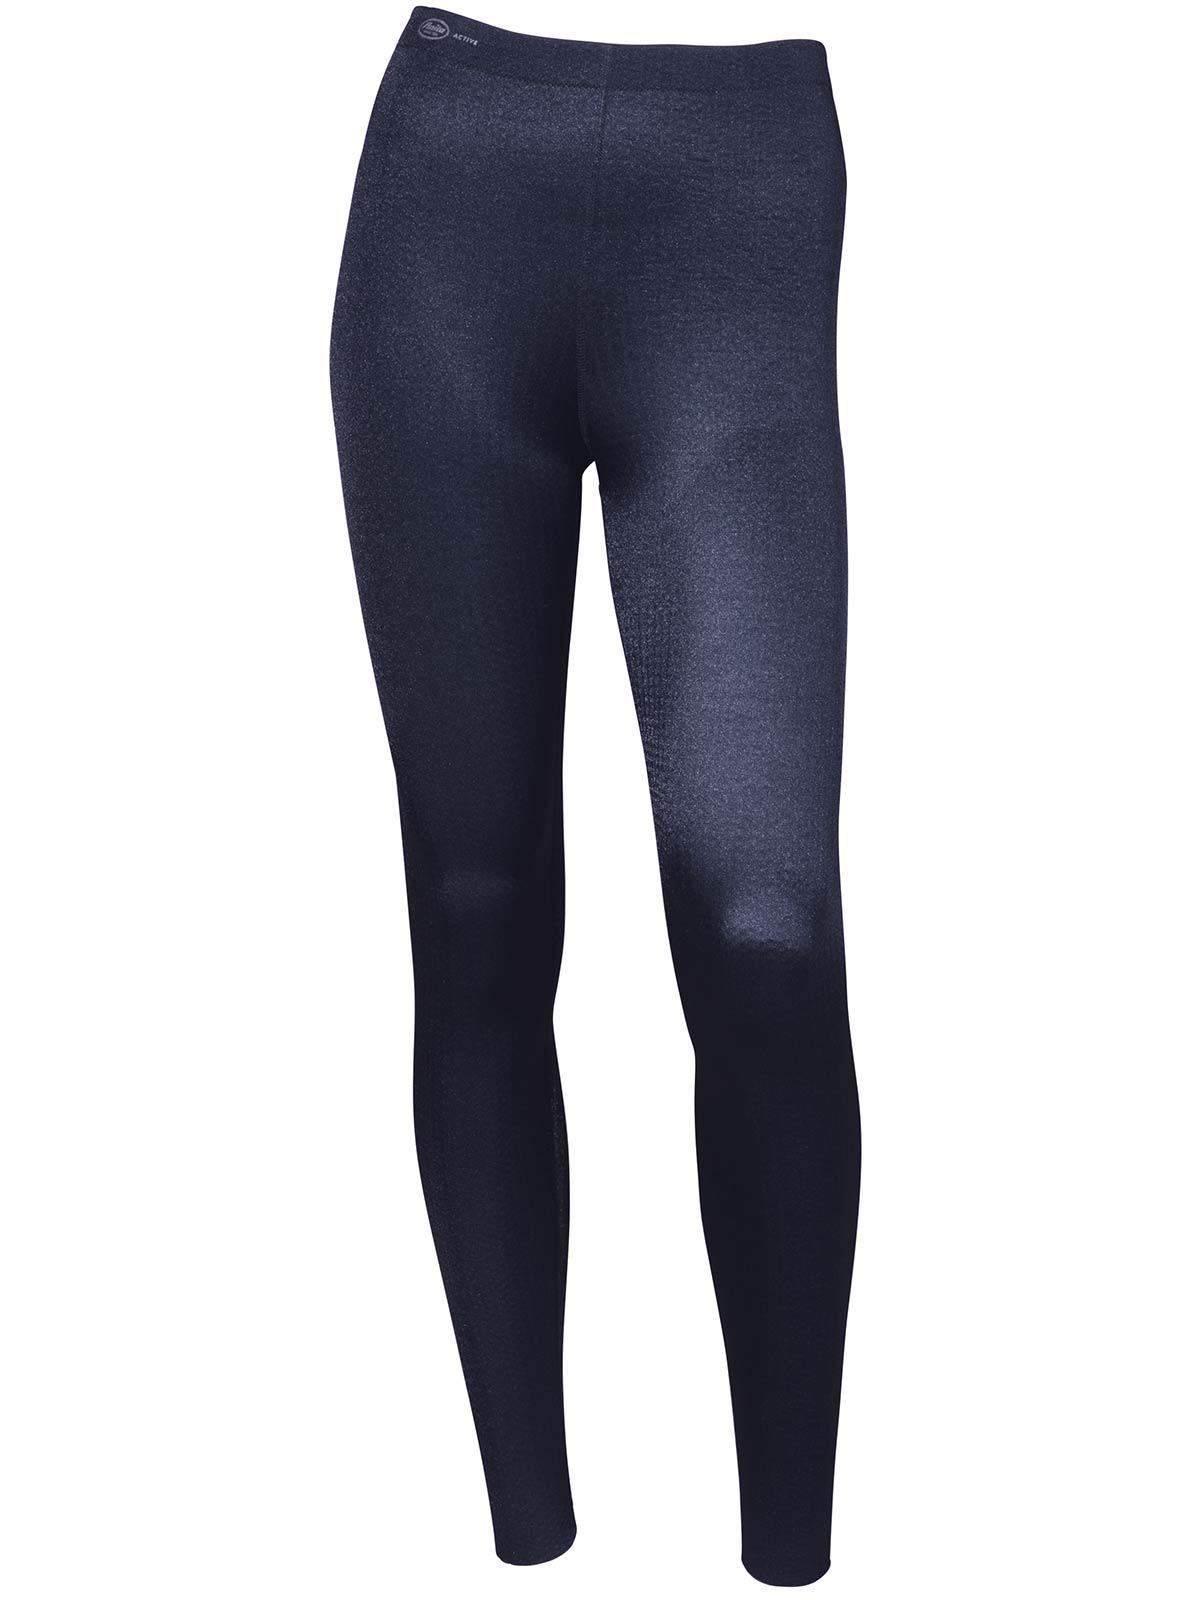 Comazo earth Damen Jazz Pants Bio-Baumwolle 1472778 Gr 36-46 in Schwarz